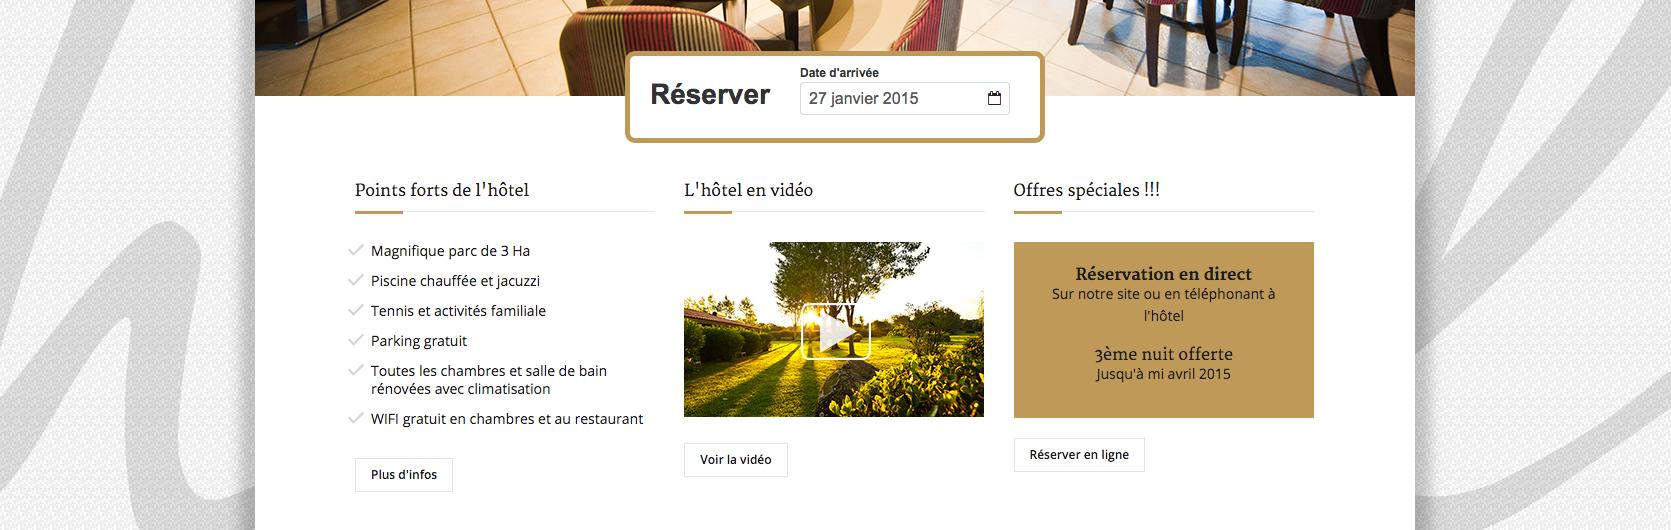 Developpement de sites vendeurs pour hôtels